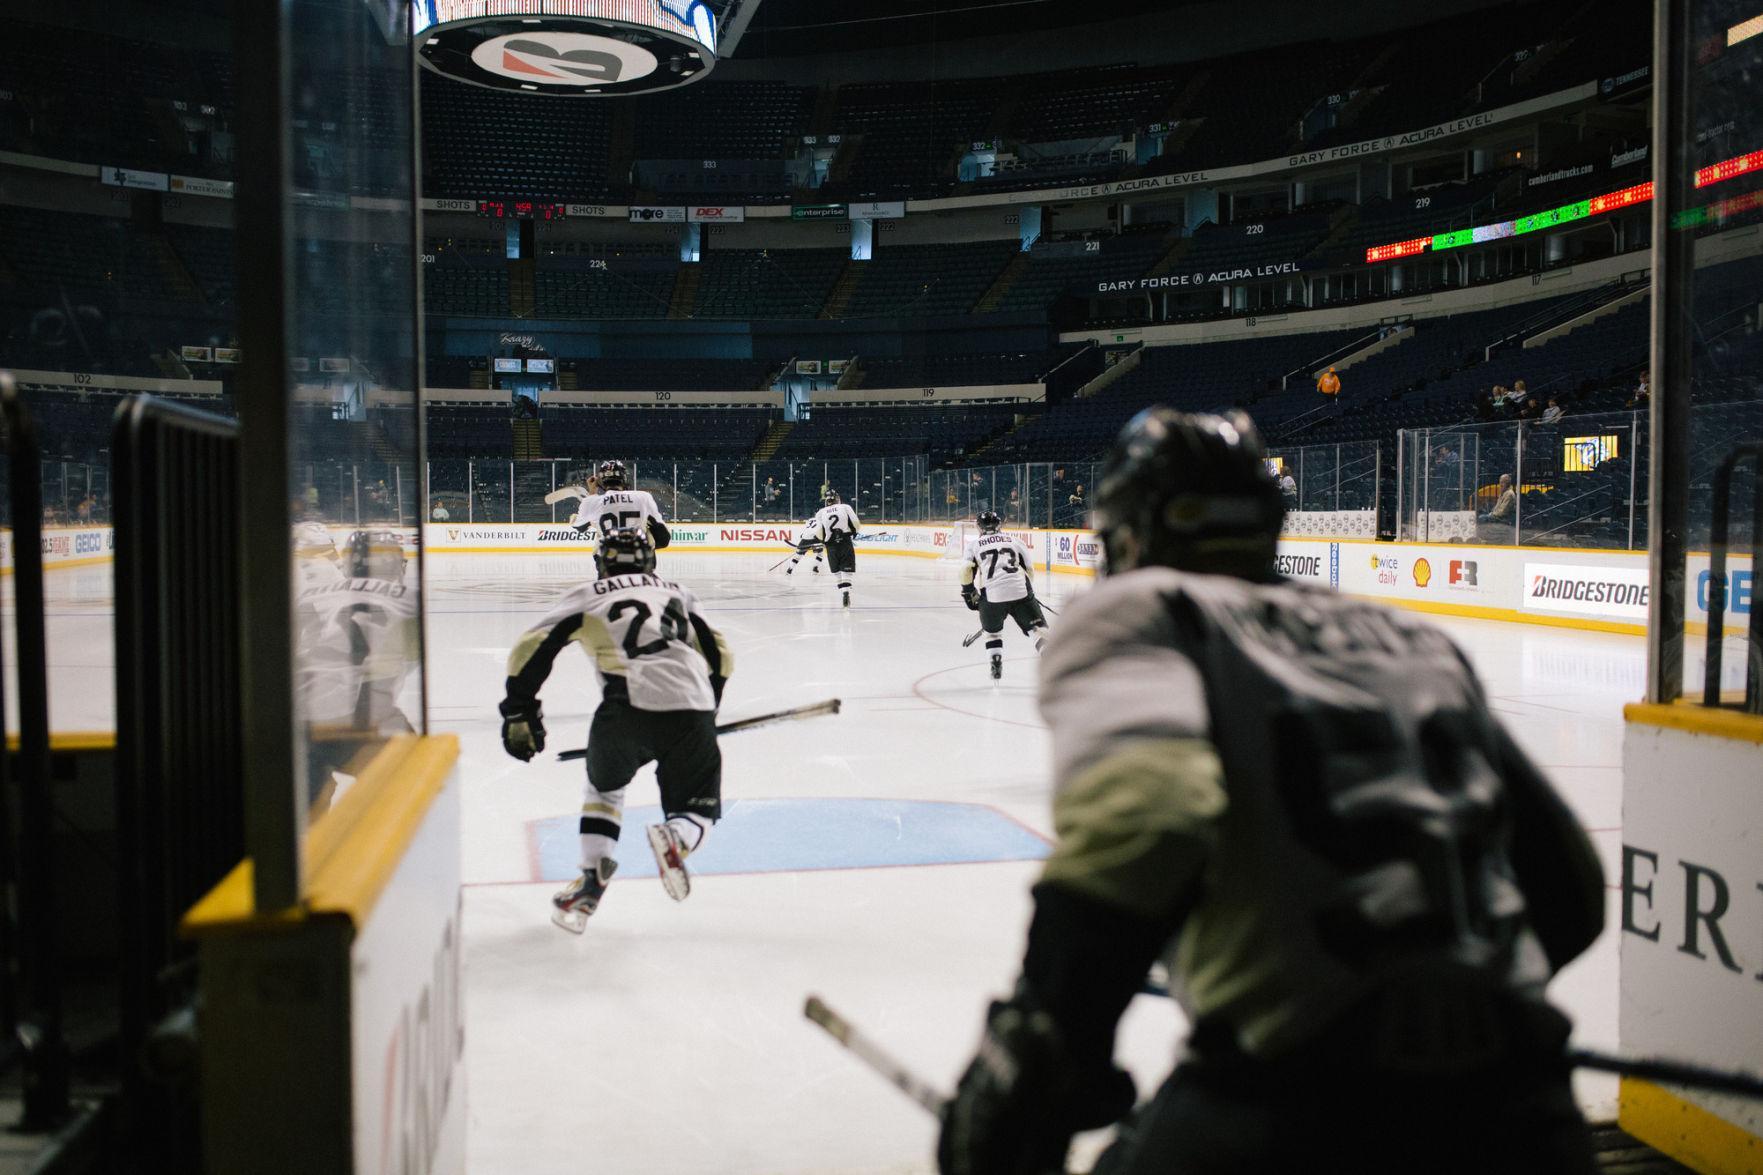 The Vanderbilt Club Hockey Team take the ice at Bridgestone Arena (Bosley Jarrett)